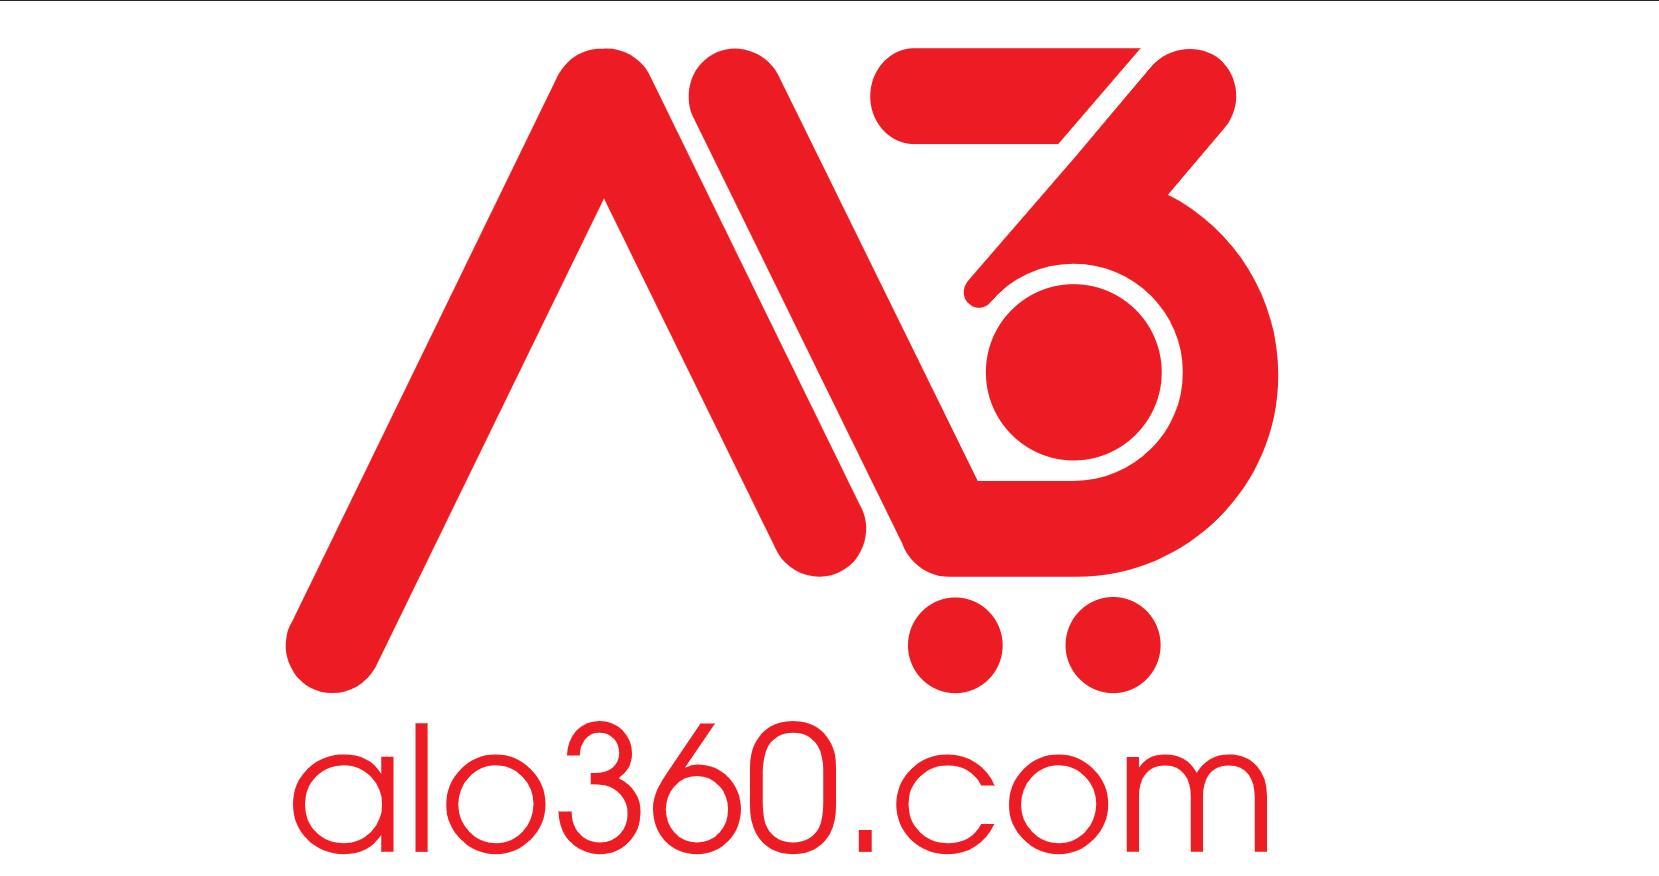 ALO360.COM  股份公司